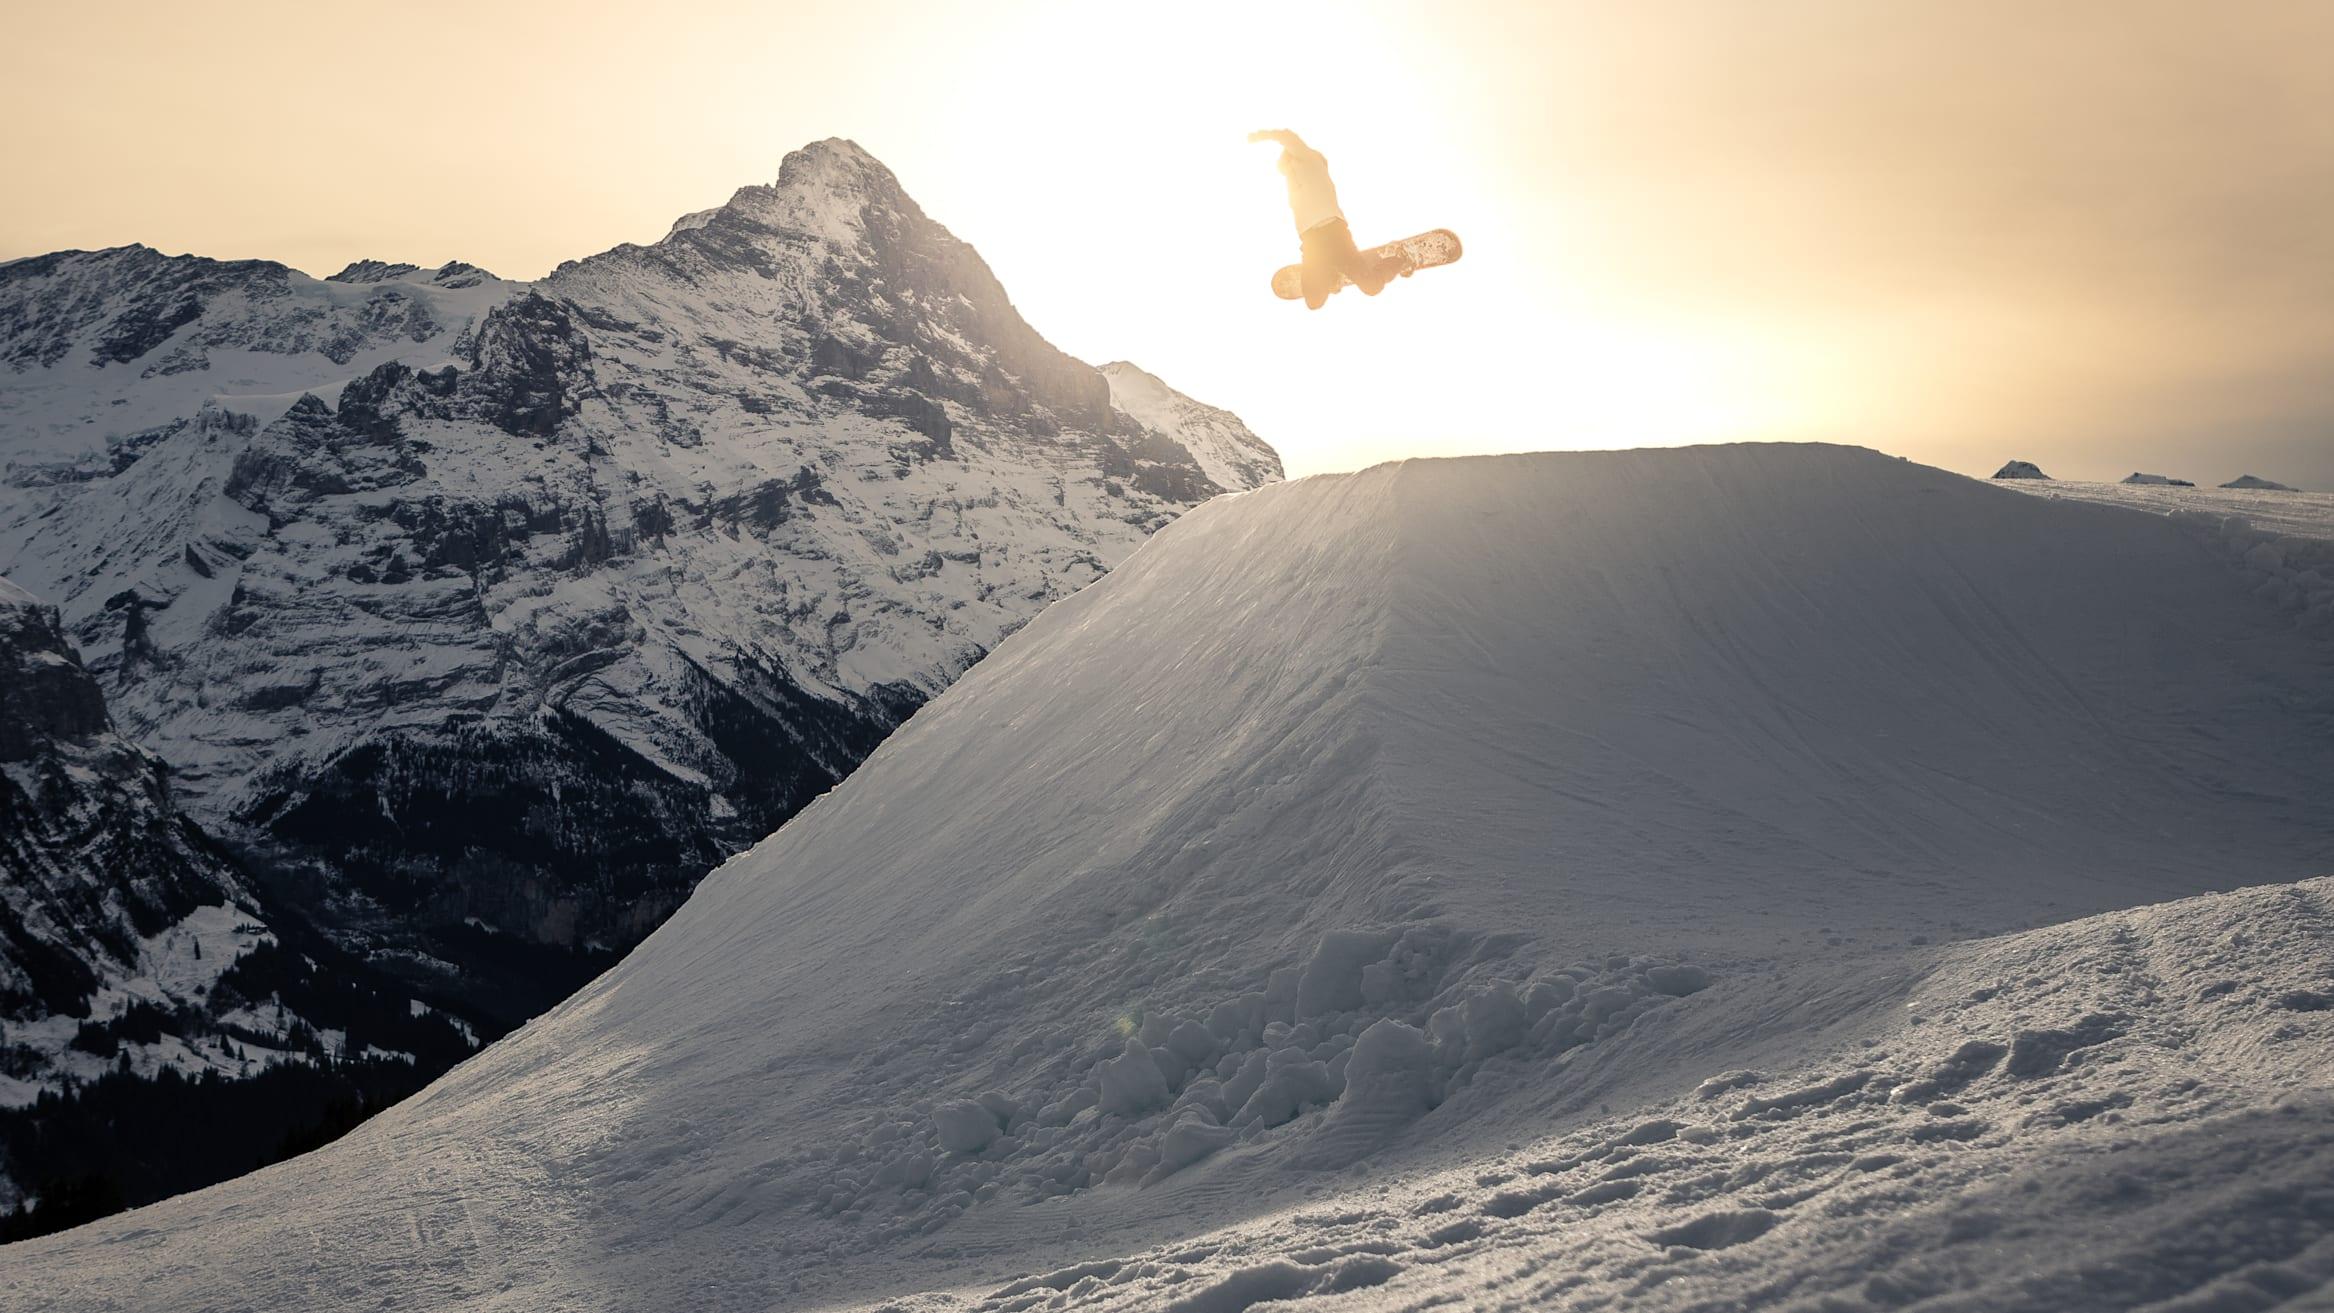 Snowpark Grindelwald First snowboard sunset Vaentin Mueller 2